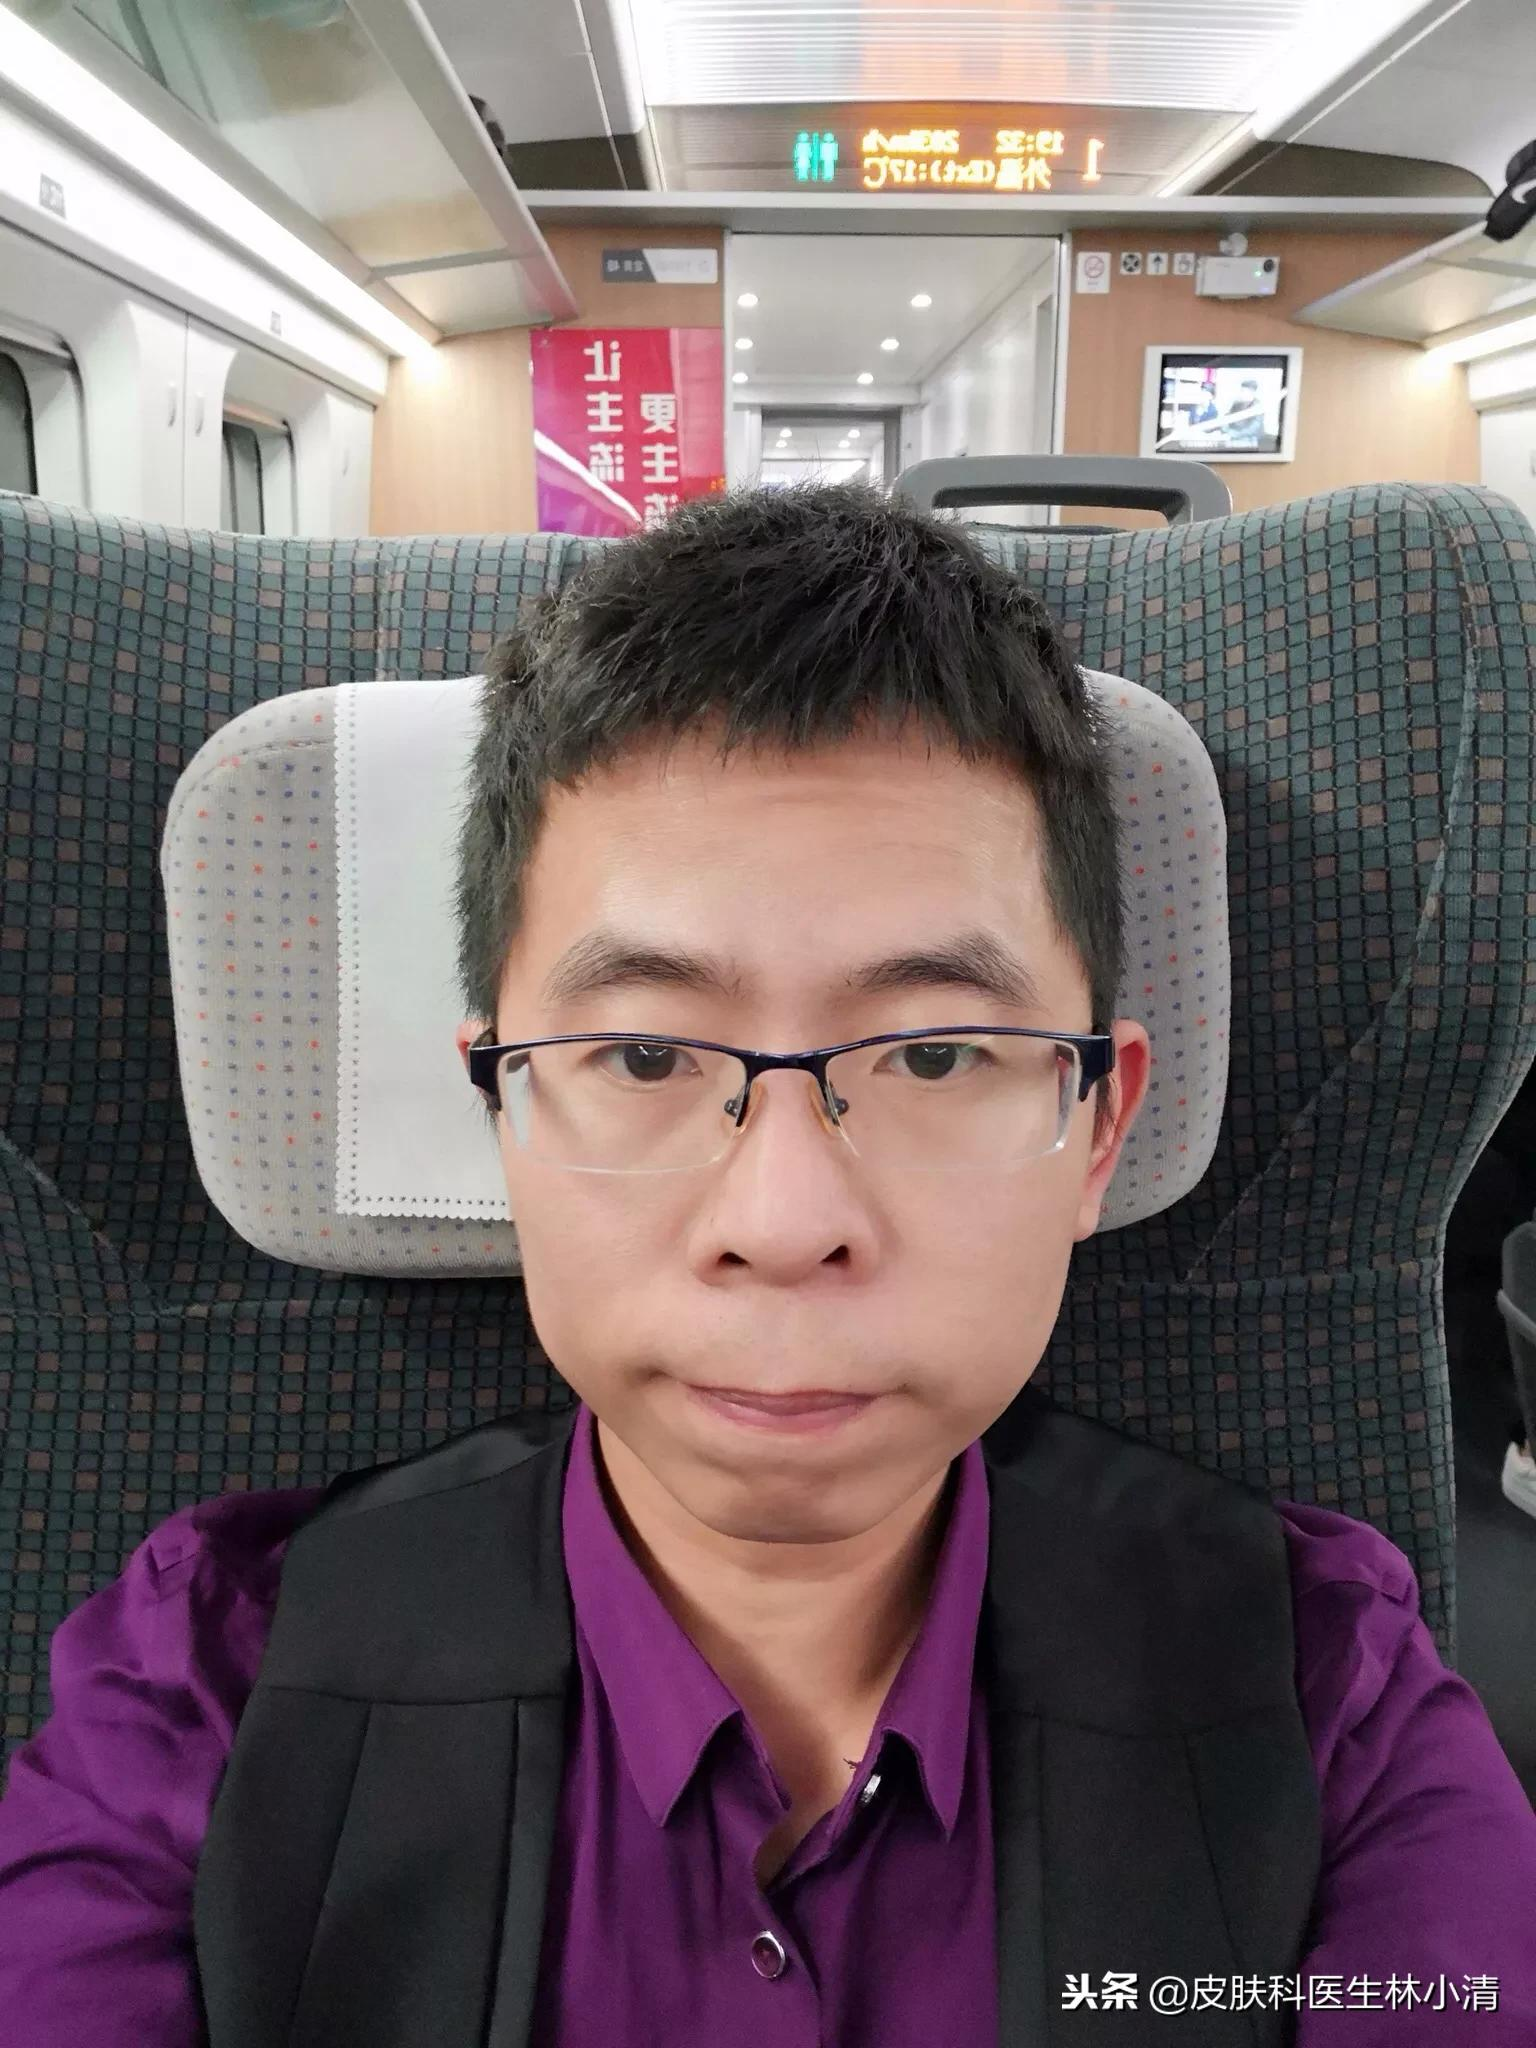 去深圳做直播,第二次去深圳,在泉州动车站 - 第1张    网络大咖